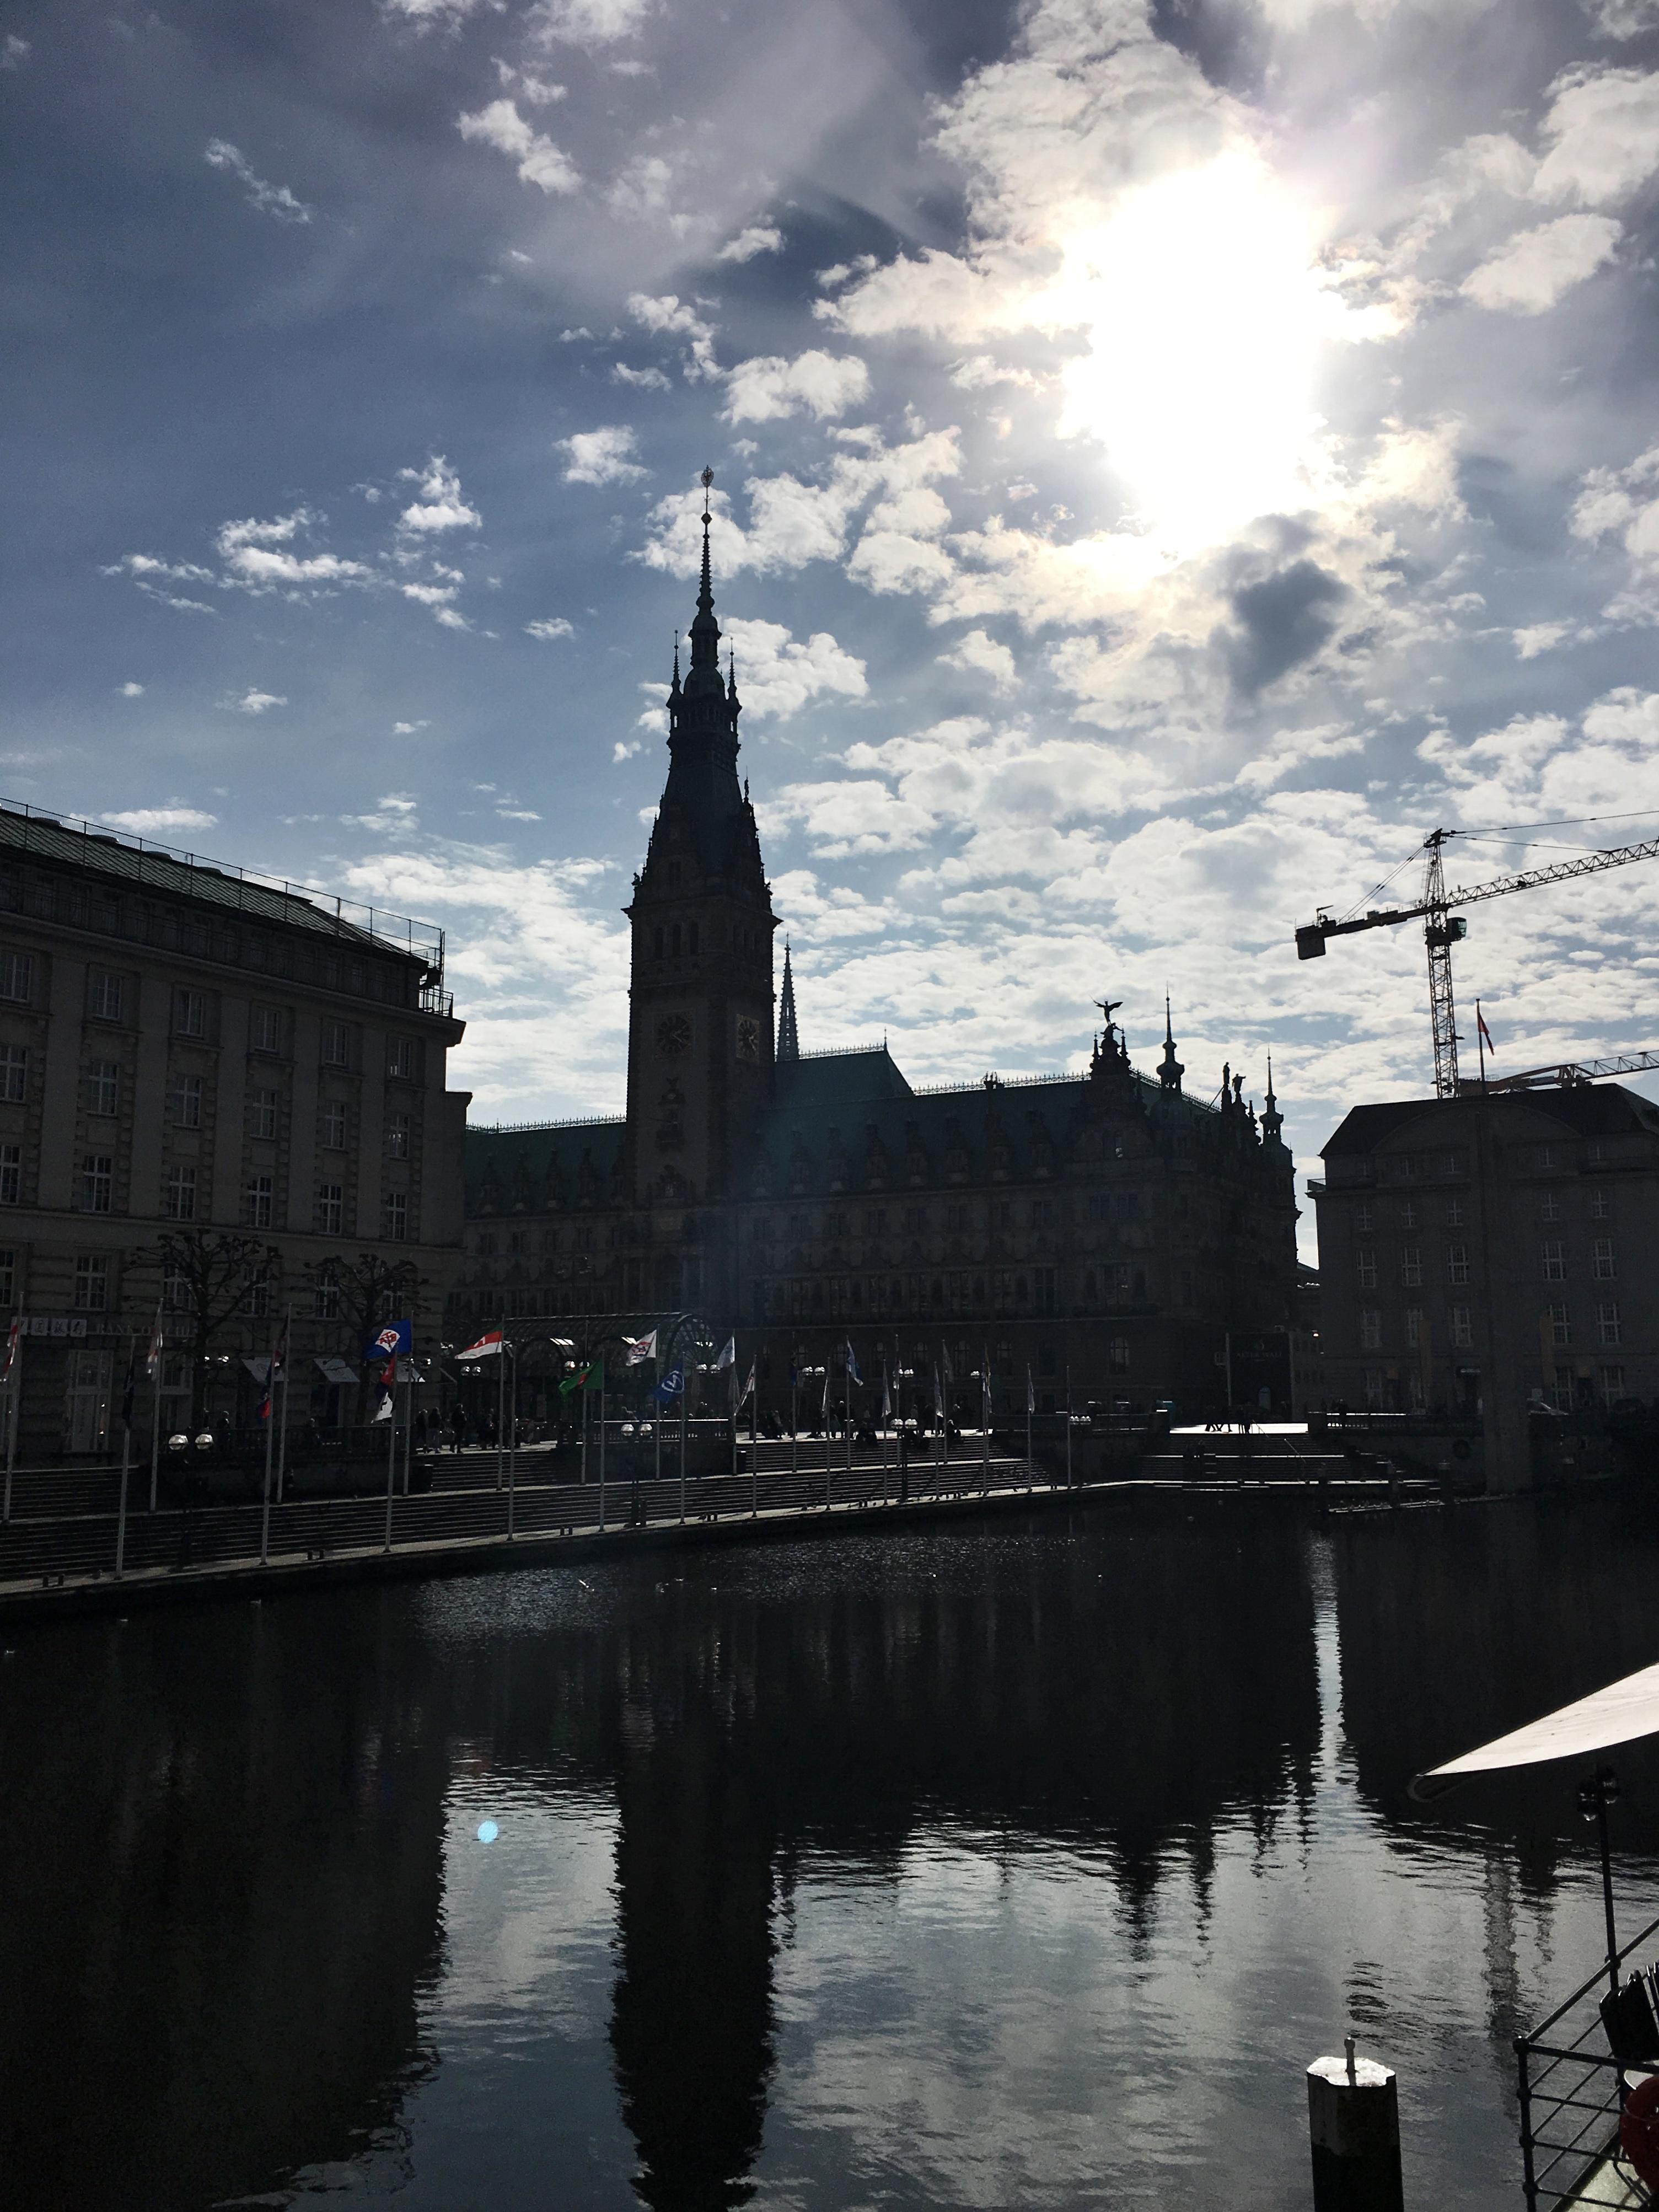 Controluce di RathausMarkt il palazzo del municipio di Amburgo